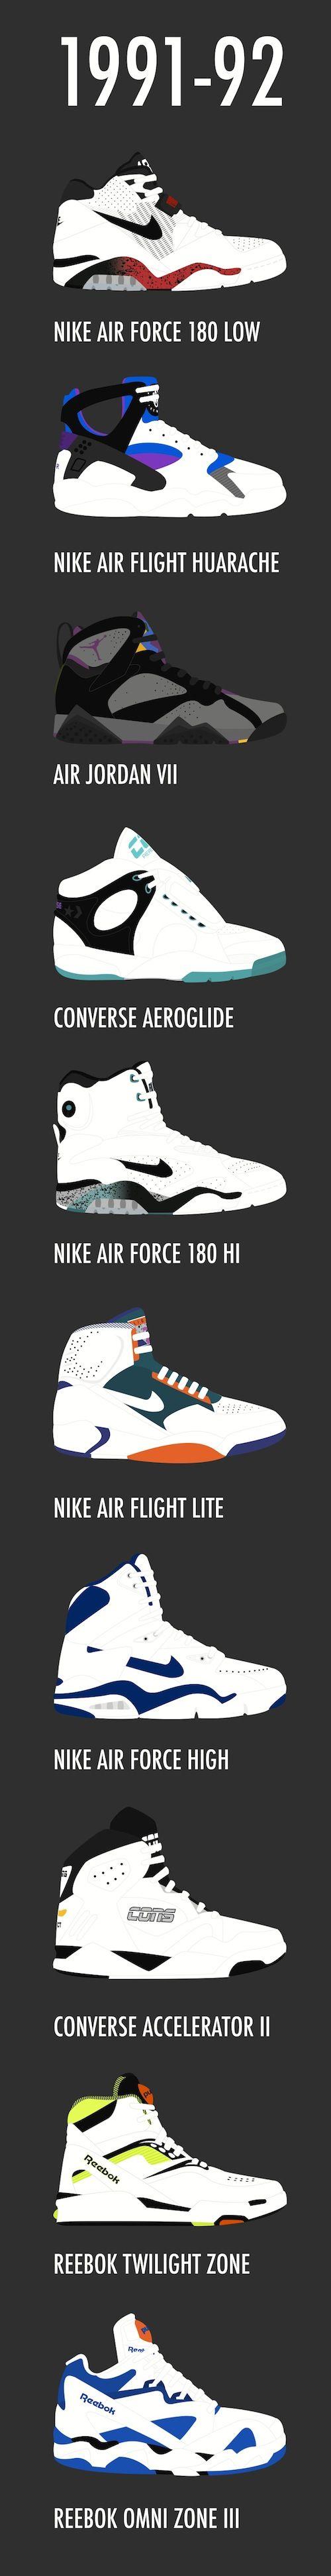 1991 Nike Catalog | Zapatillas sneakers en 2019 | Zapatos